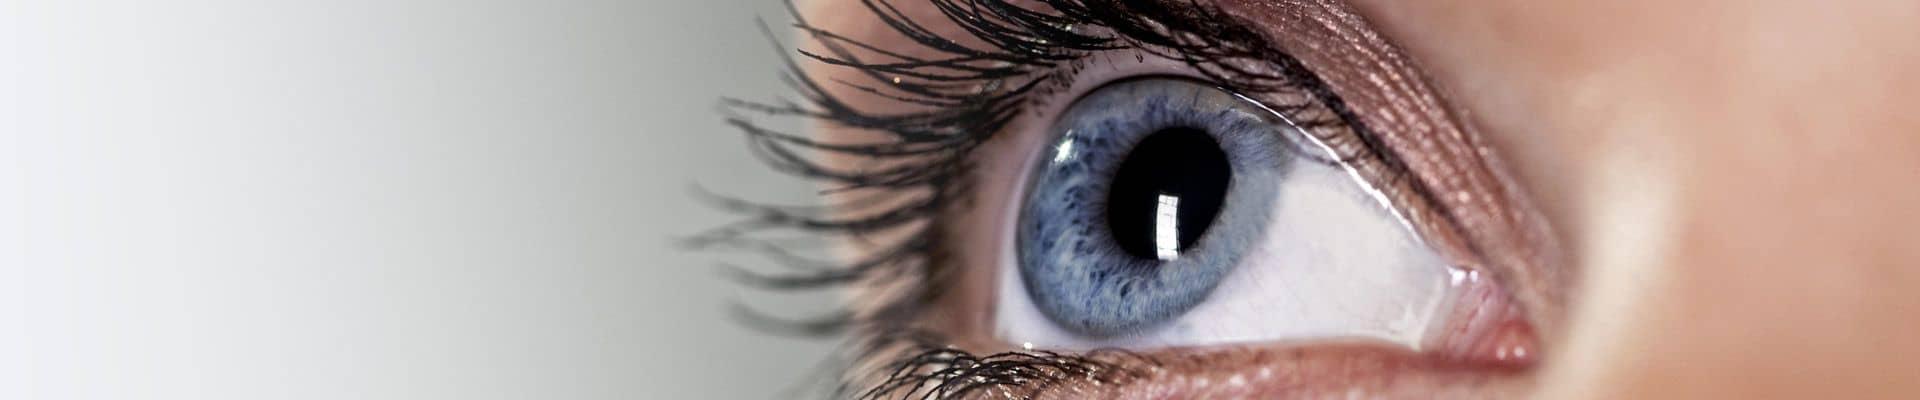 látás flash kezelés)